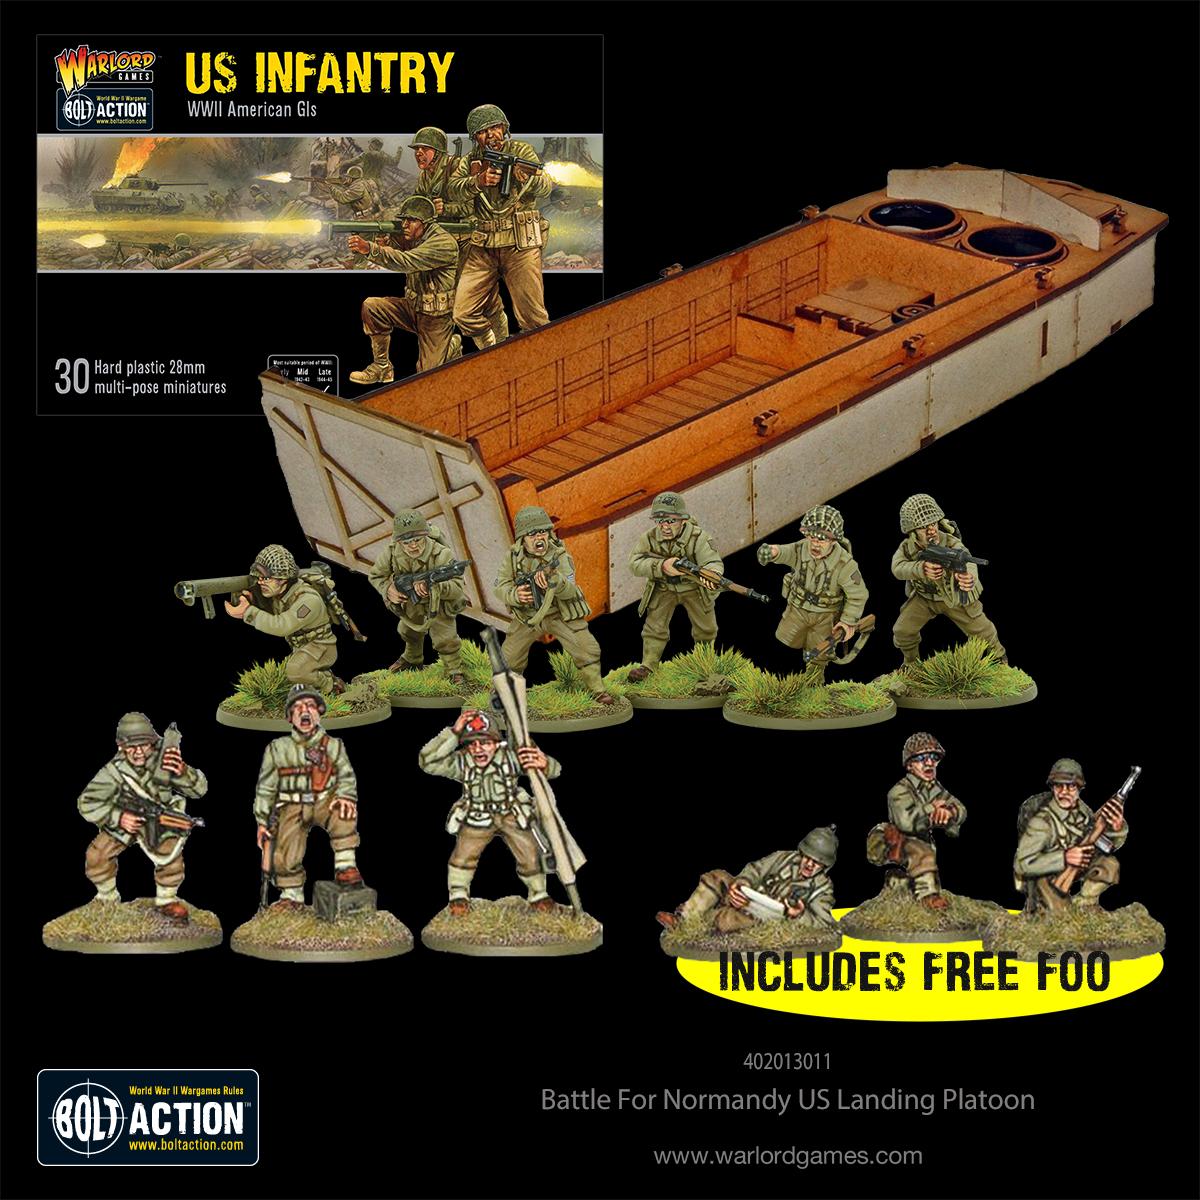 Battle for Normandy - US Beach Landing Platoon